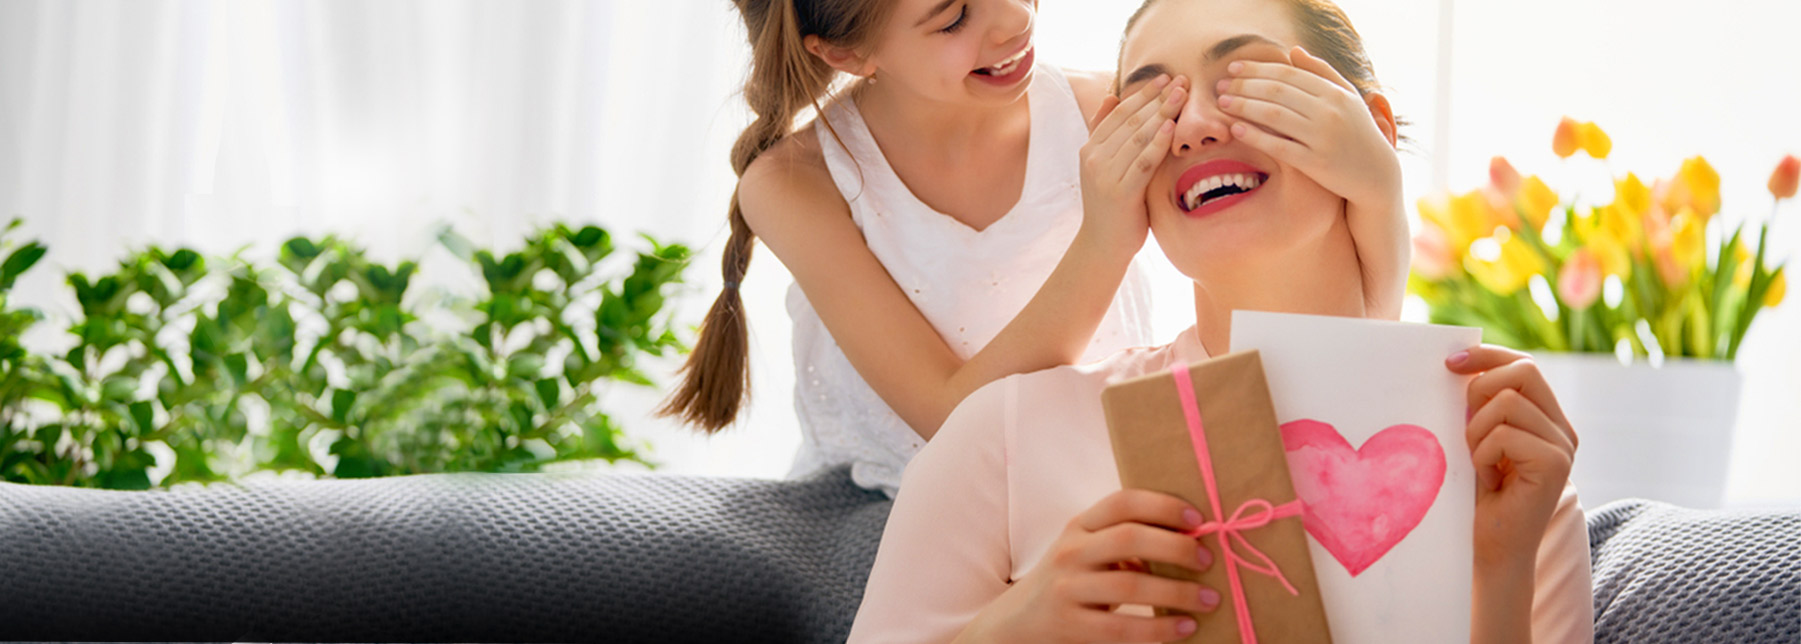 Dia das Mães: confira dicas de presentes para cada tipo de mãe!